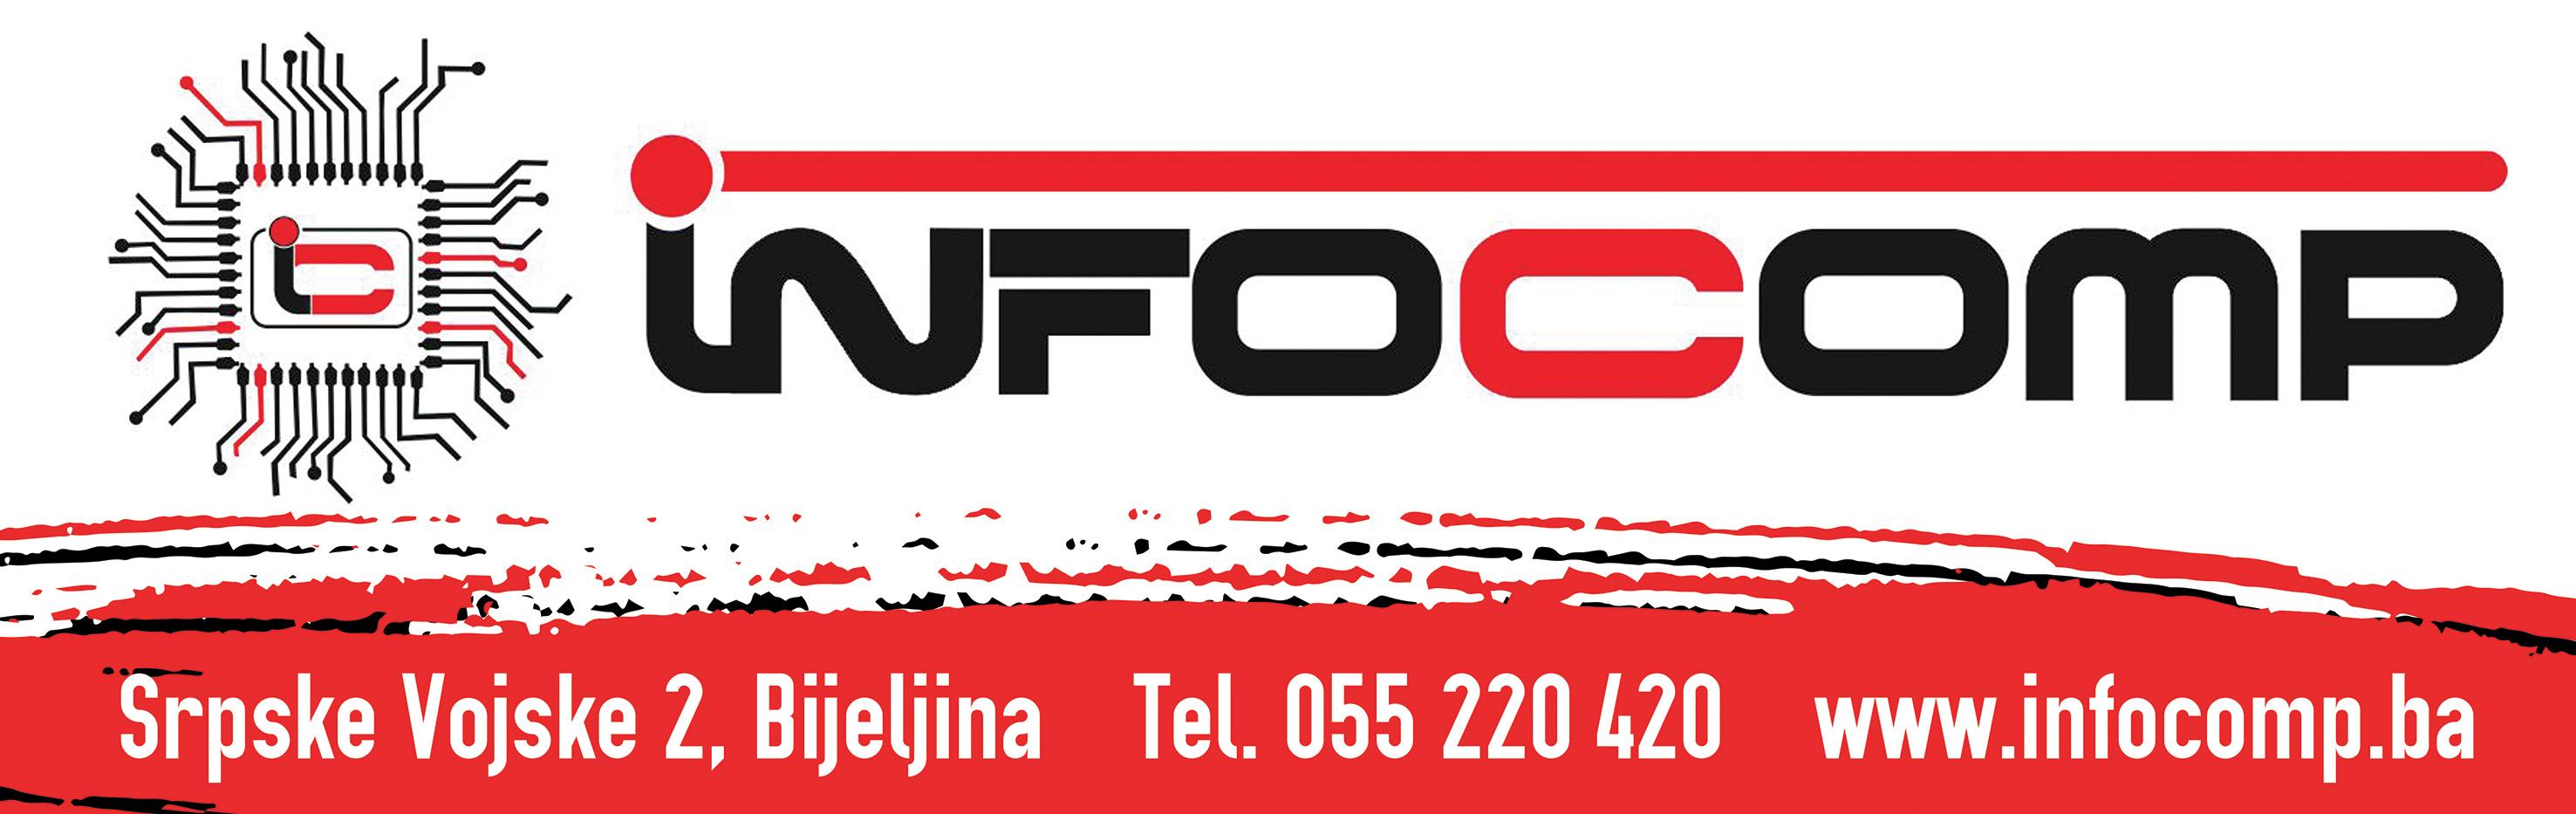 INFOCOMP D.O.O., Bijeljina